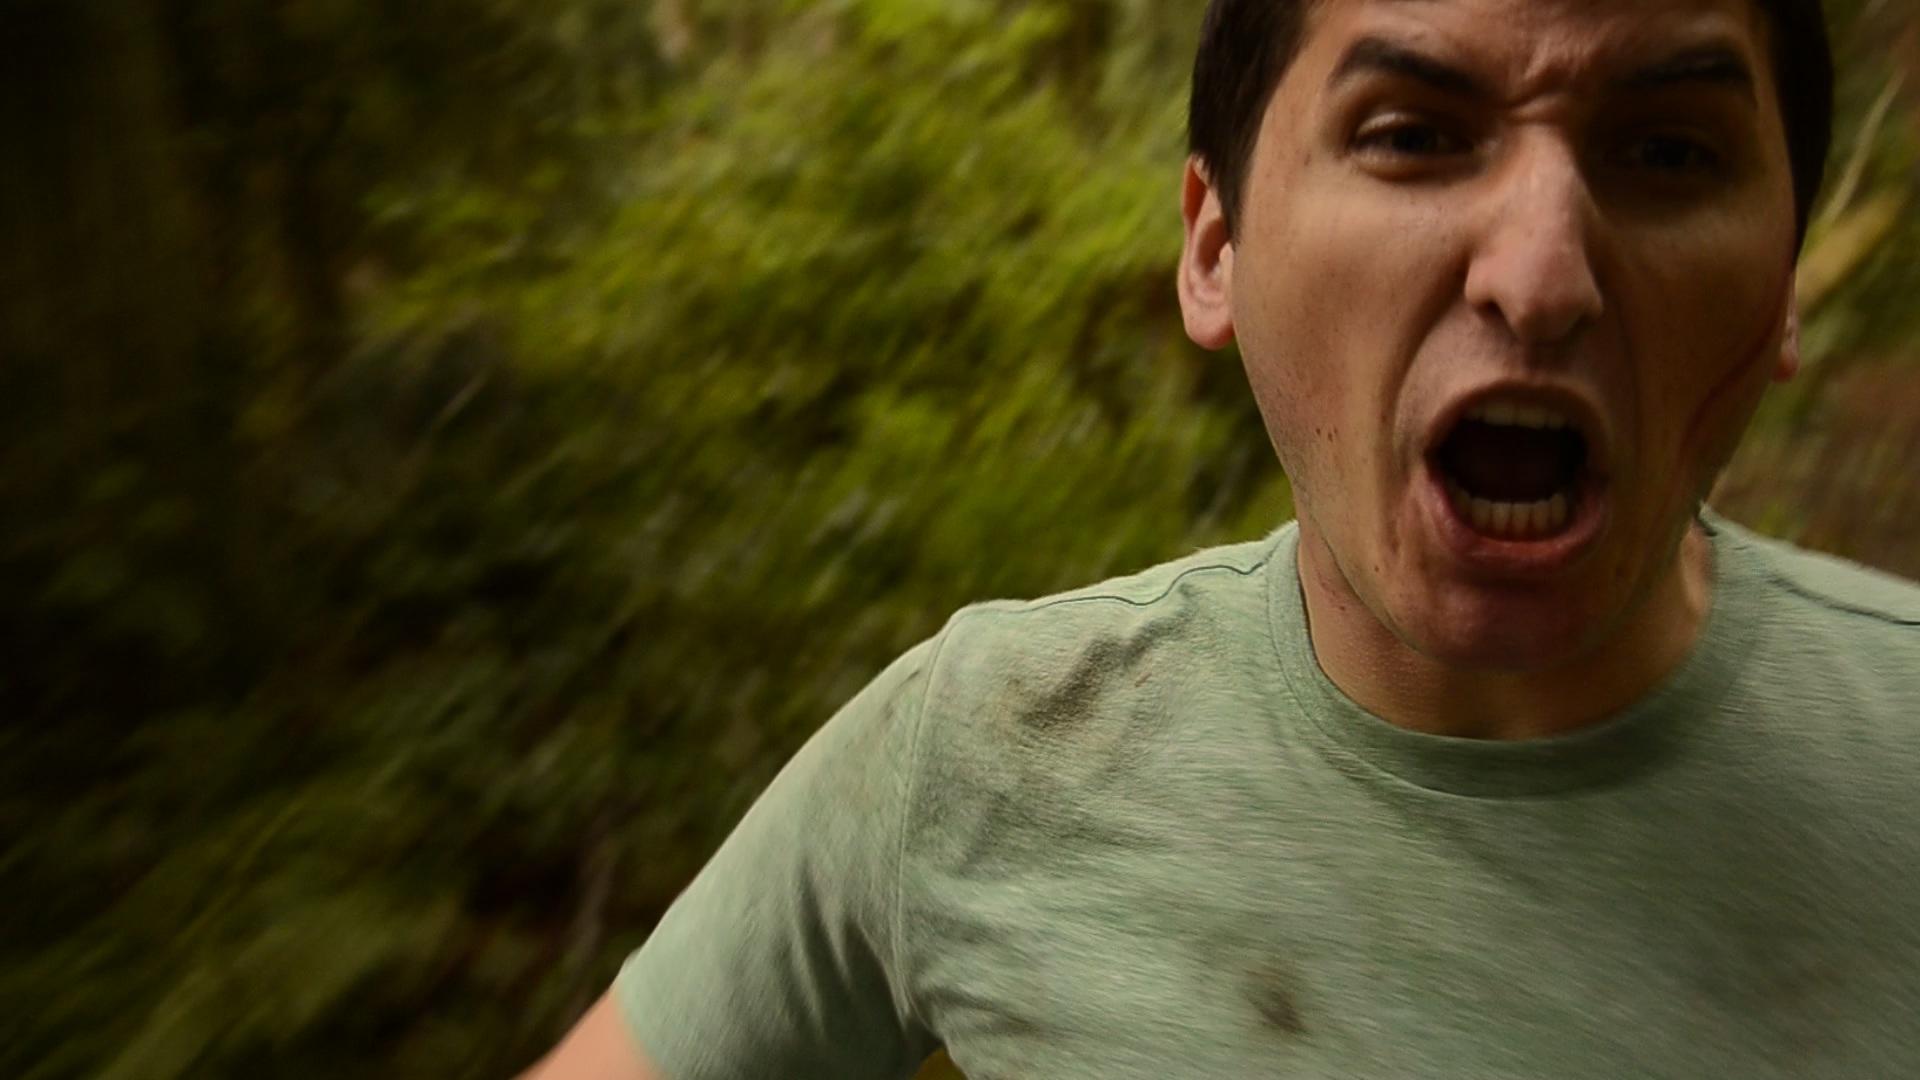 Steve runs for his life